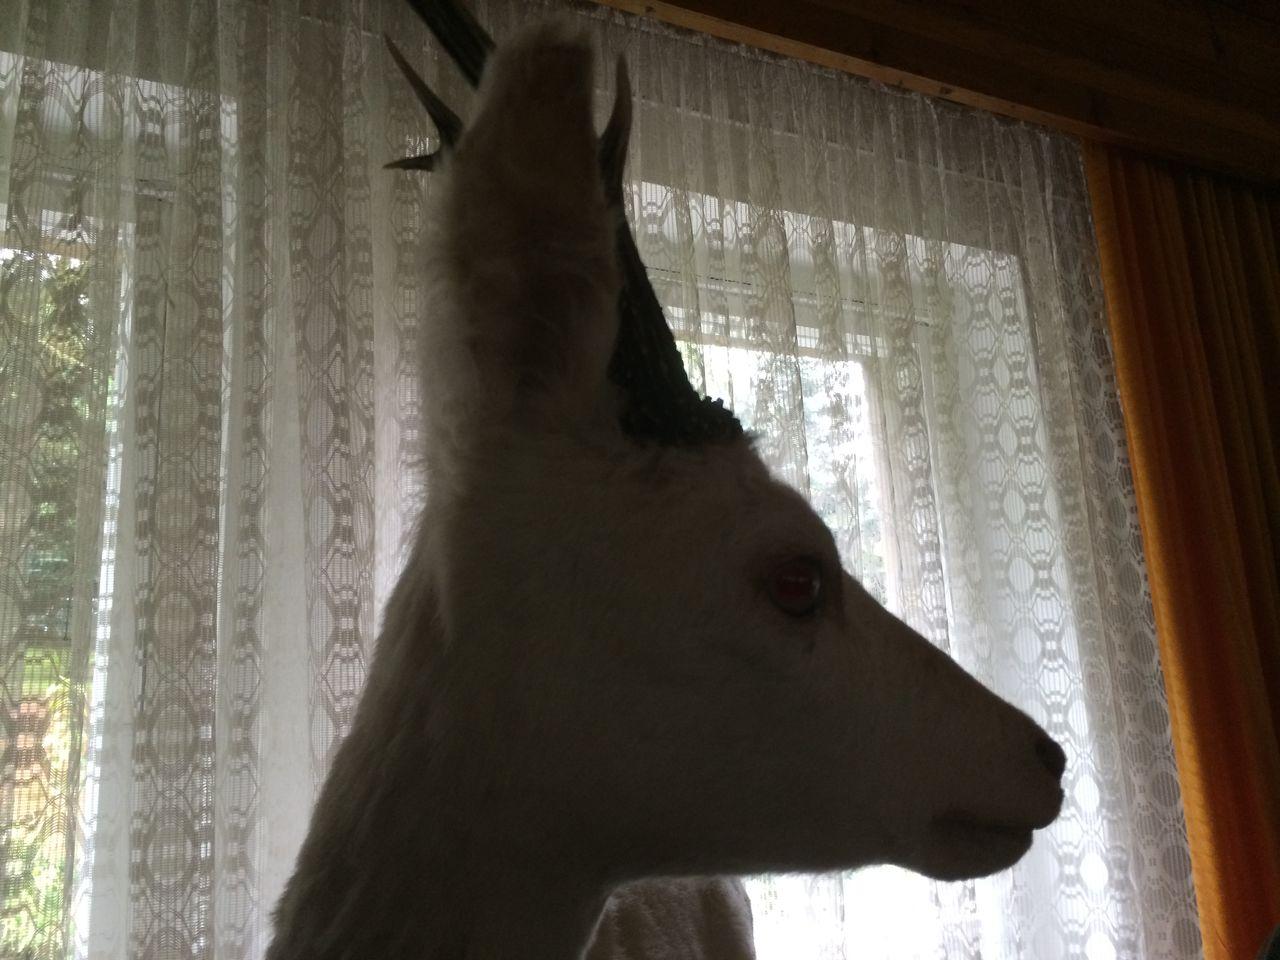 ein Bock im Wohnzimmer IMG_2279